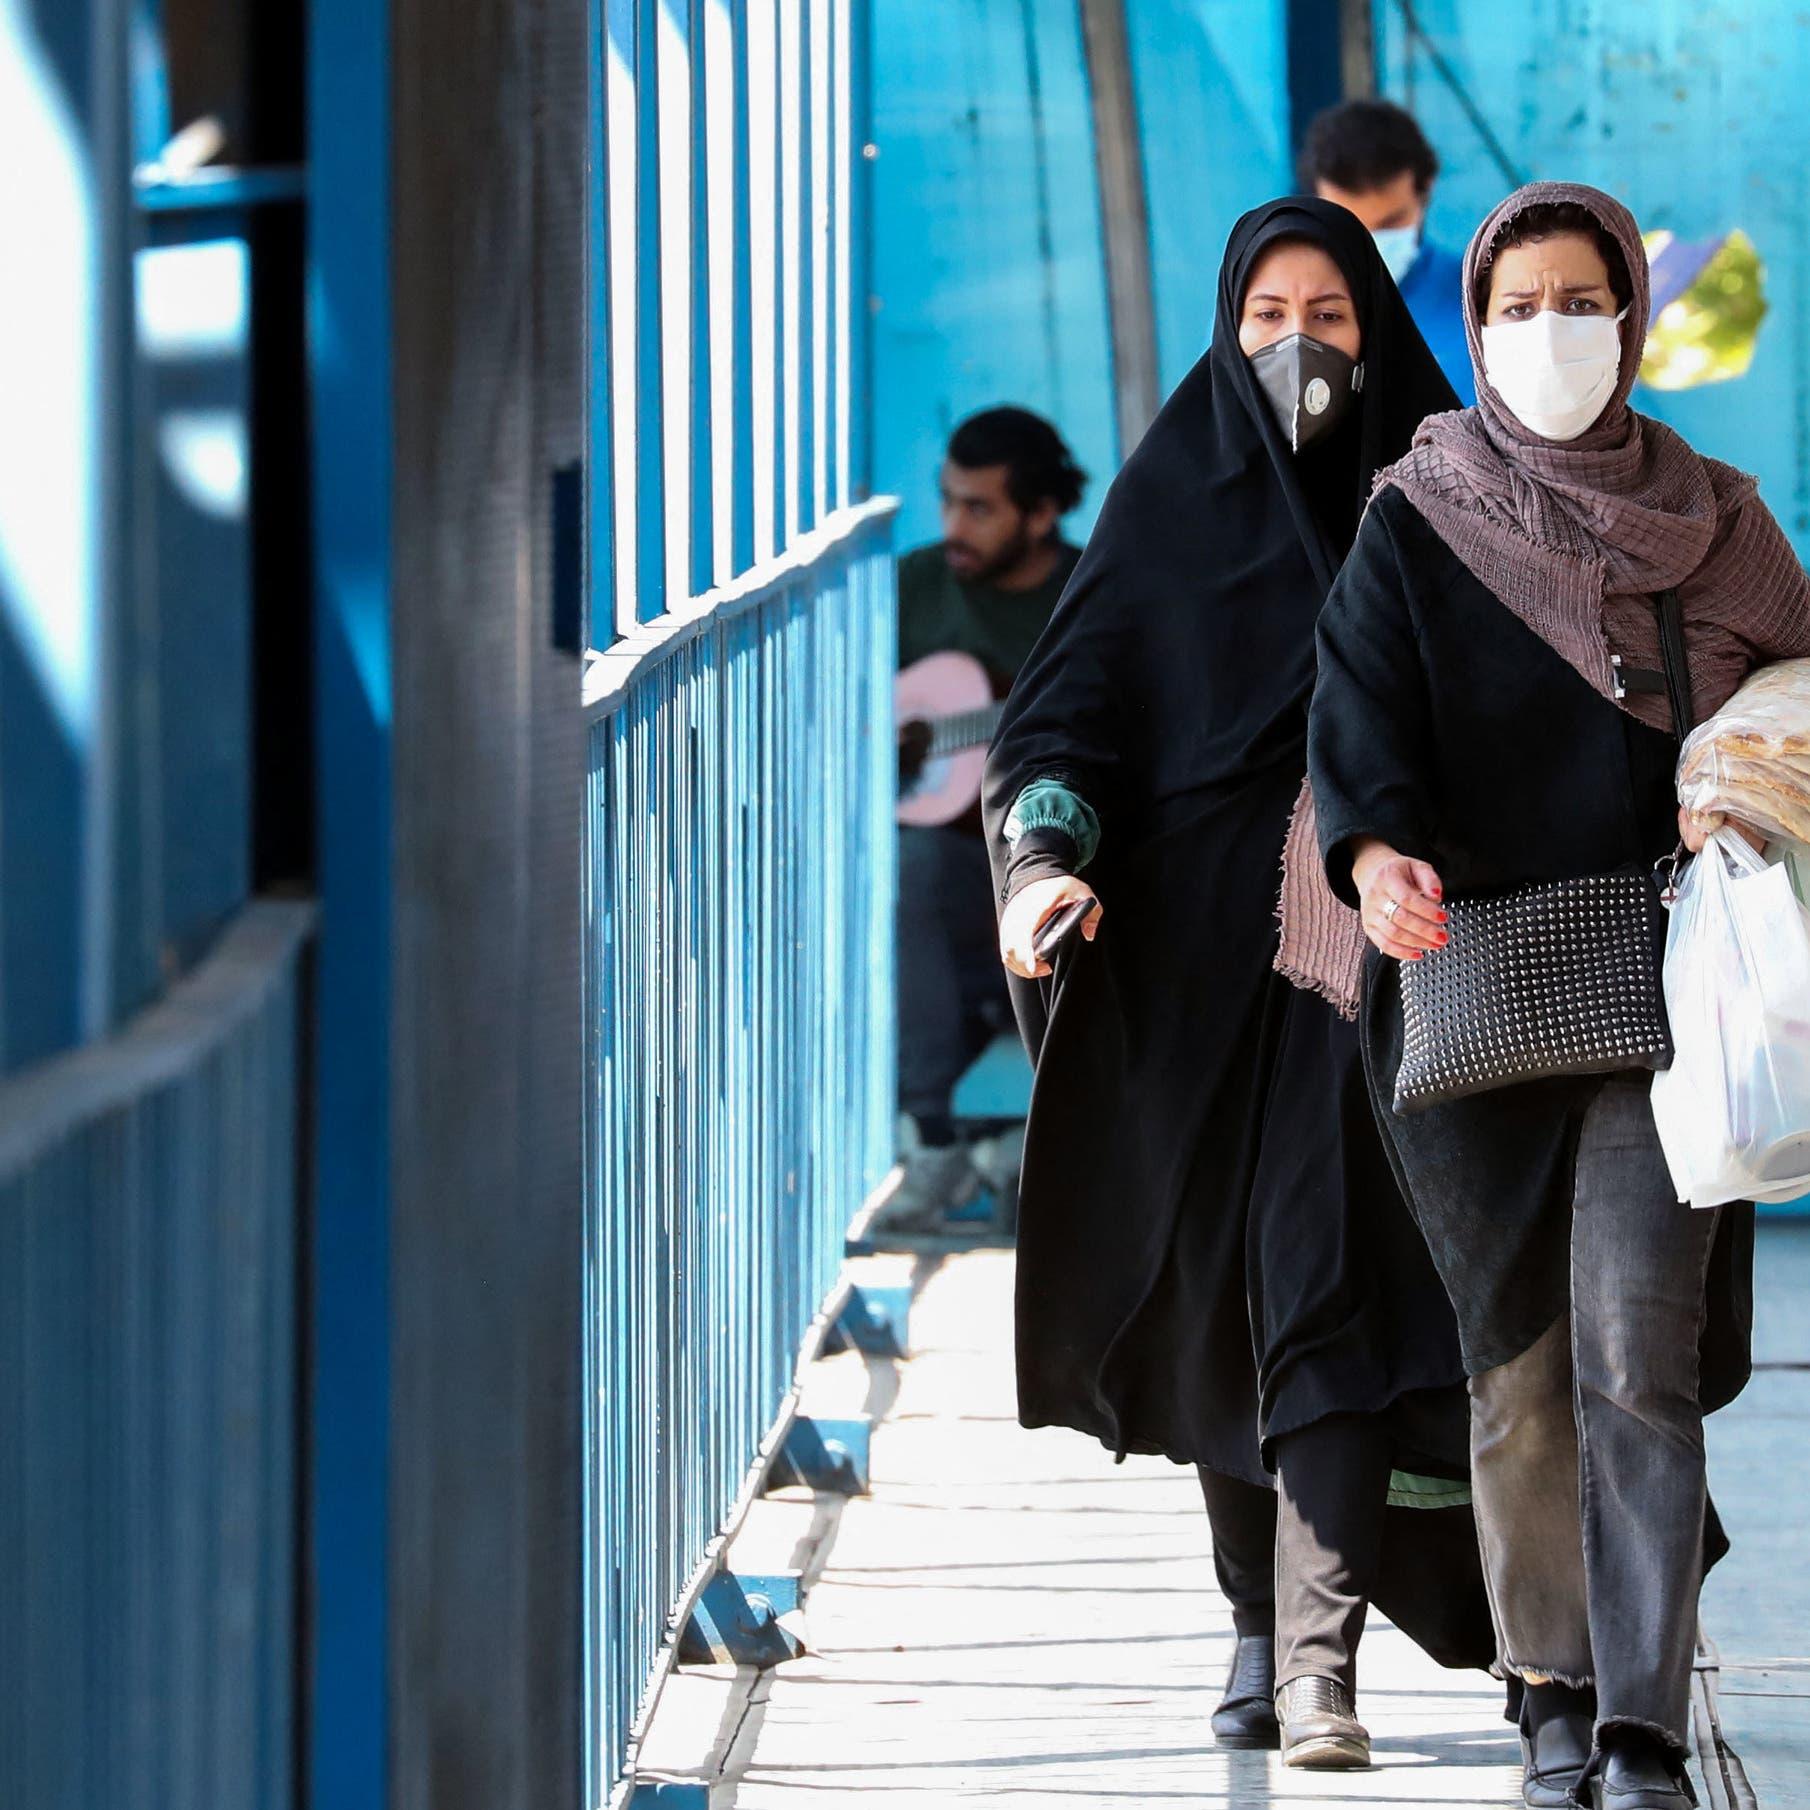 رقم قياسي.. حوالي 25 ألف إصابة جديدة بكورونا في إيران